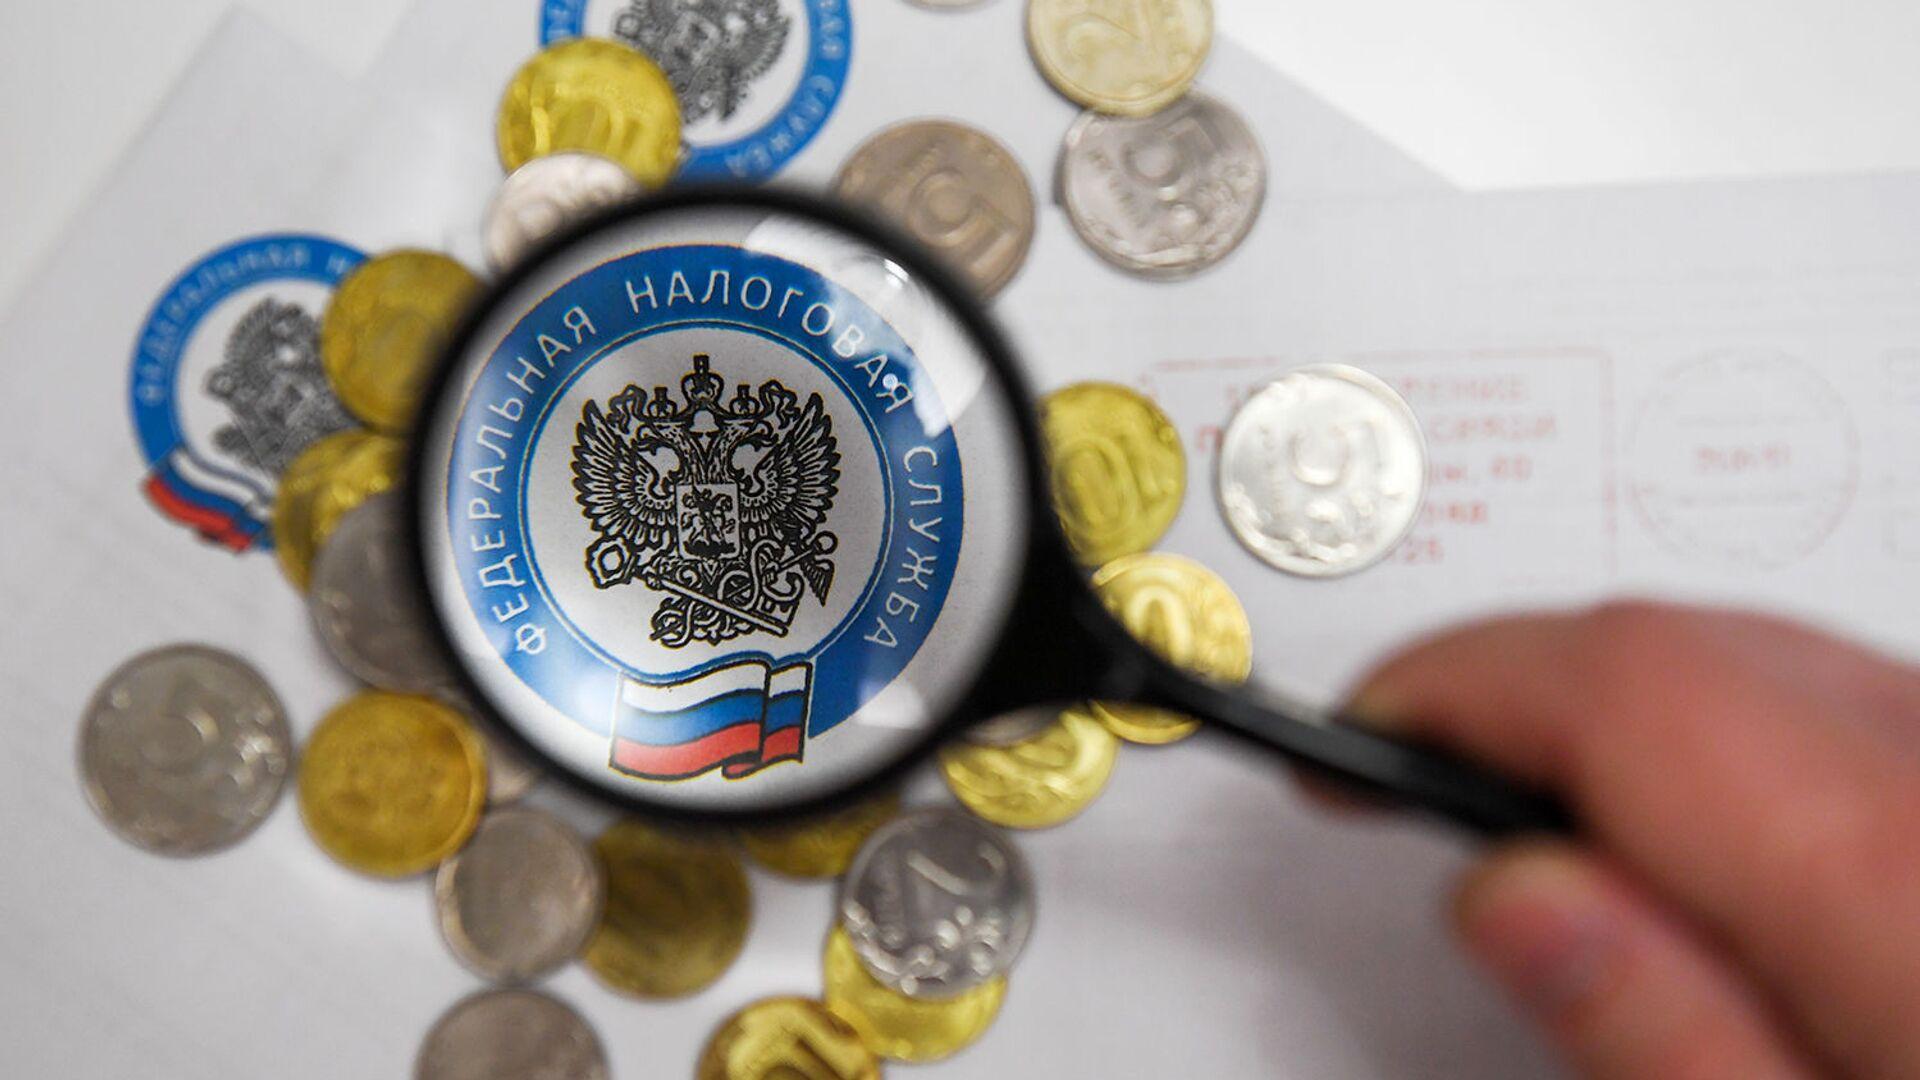 Монеты России и конверты с логотипом ФНС РФ - РИА Новости, 1920, 24.11.2020